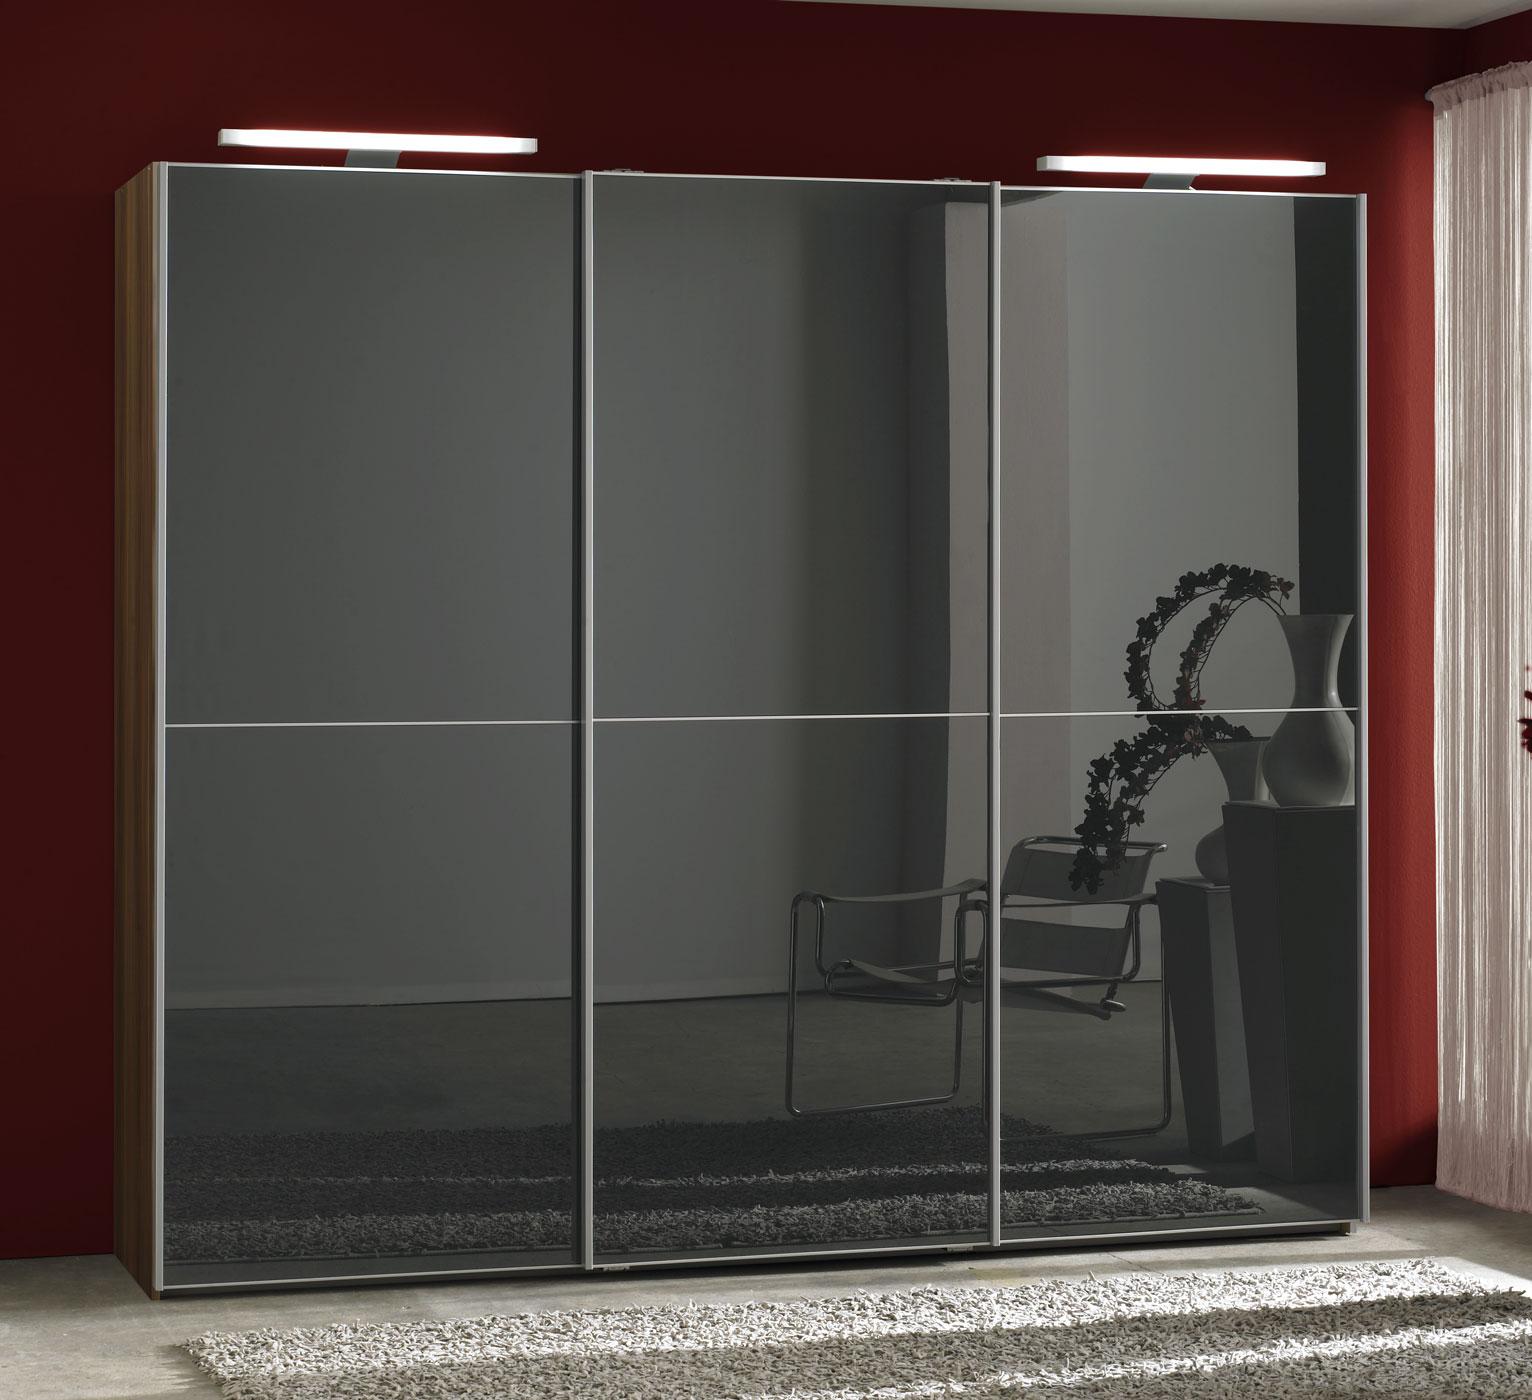 kleiderschrank mit schwebet r g nstig online kaufen perry. Black Bedroom Furniture Sets. Home Design Ideas